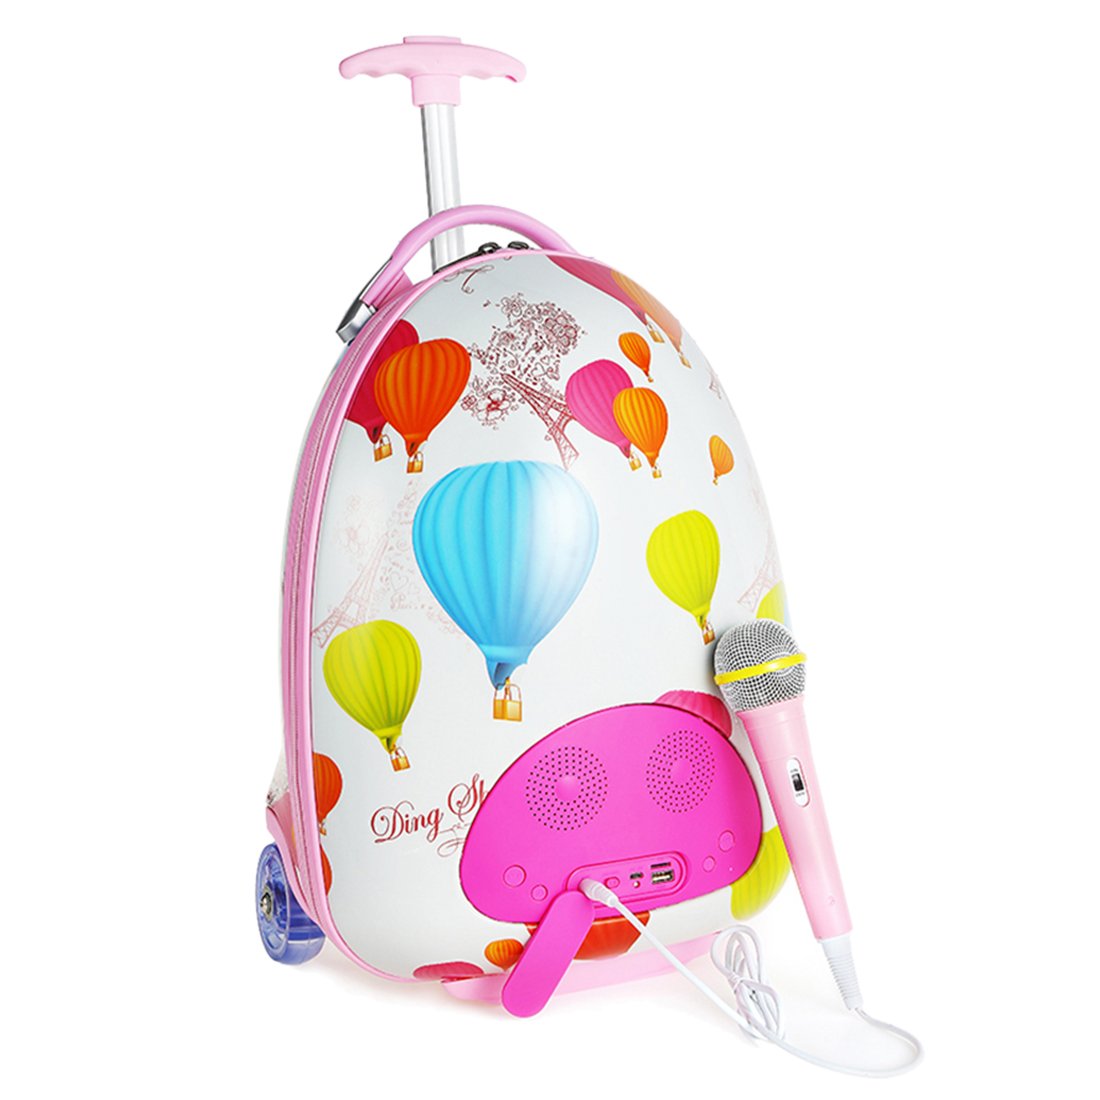 Enfants musique bagages valise karaoké chantant Machine avec Microphone fille cadeau jouet Instrument de musique jouet éducatif cadeau